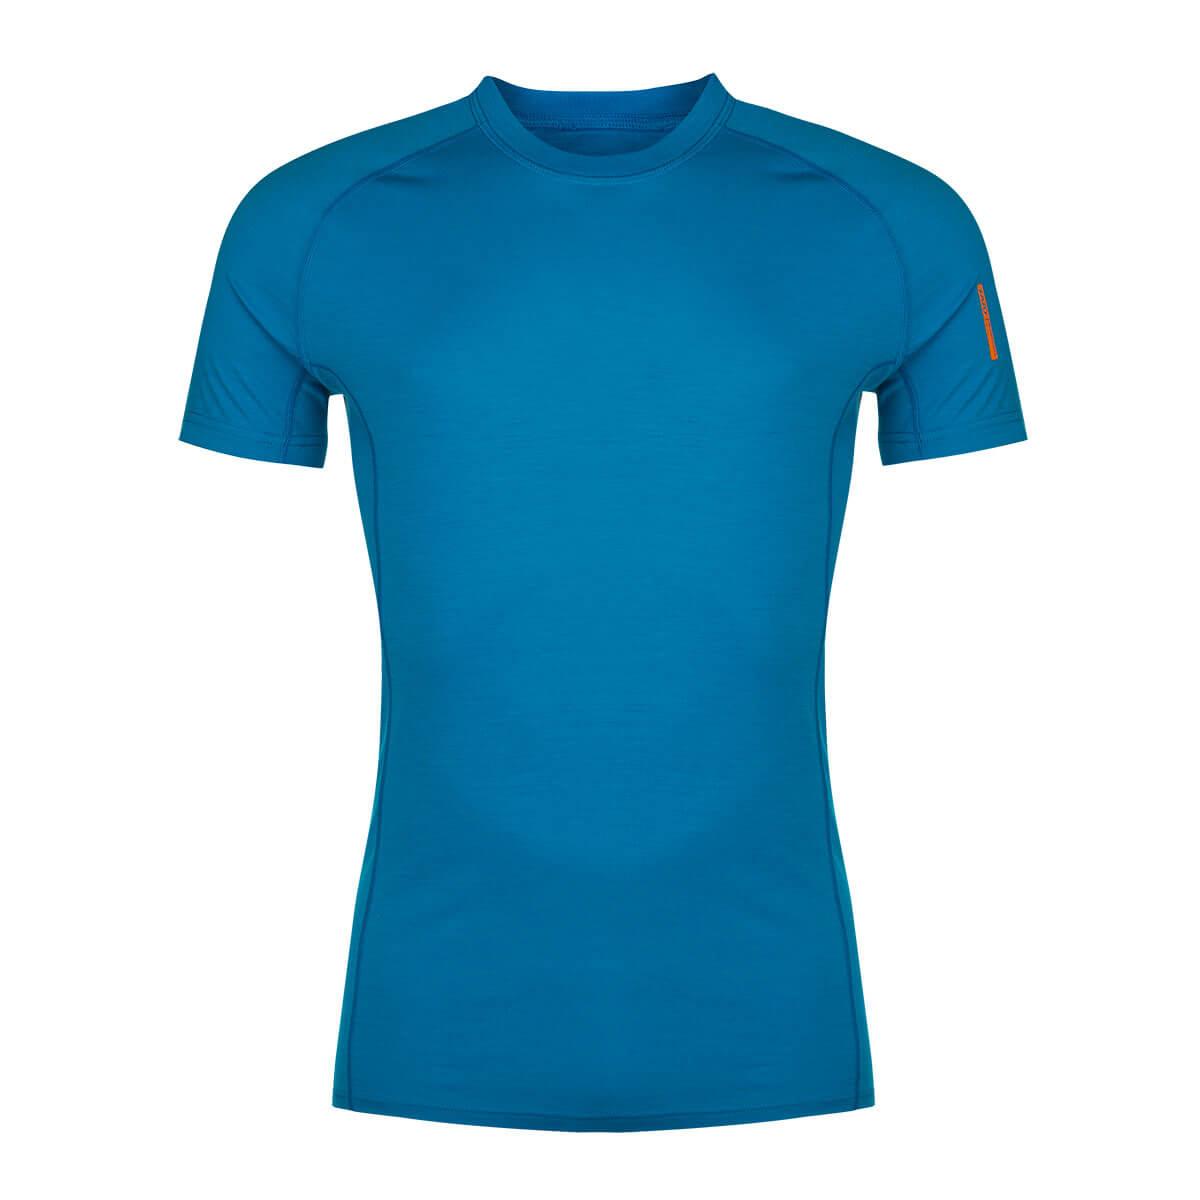 Pánske tričko Zajo Bjorn Merino Nylon T-shirt SS Greek Blue - veľkosť S